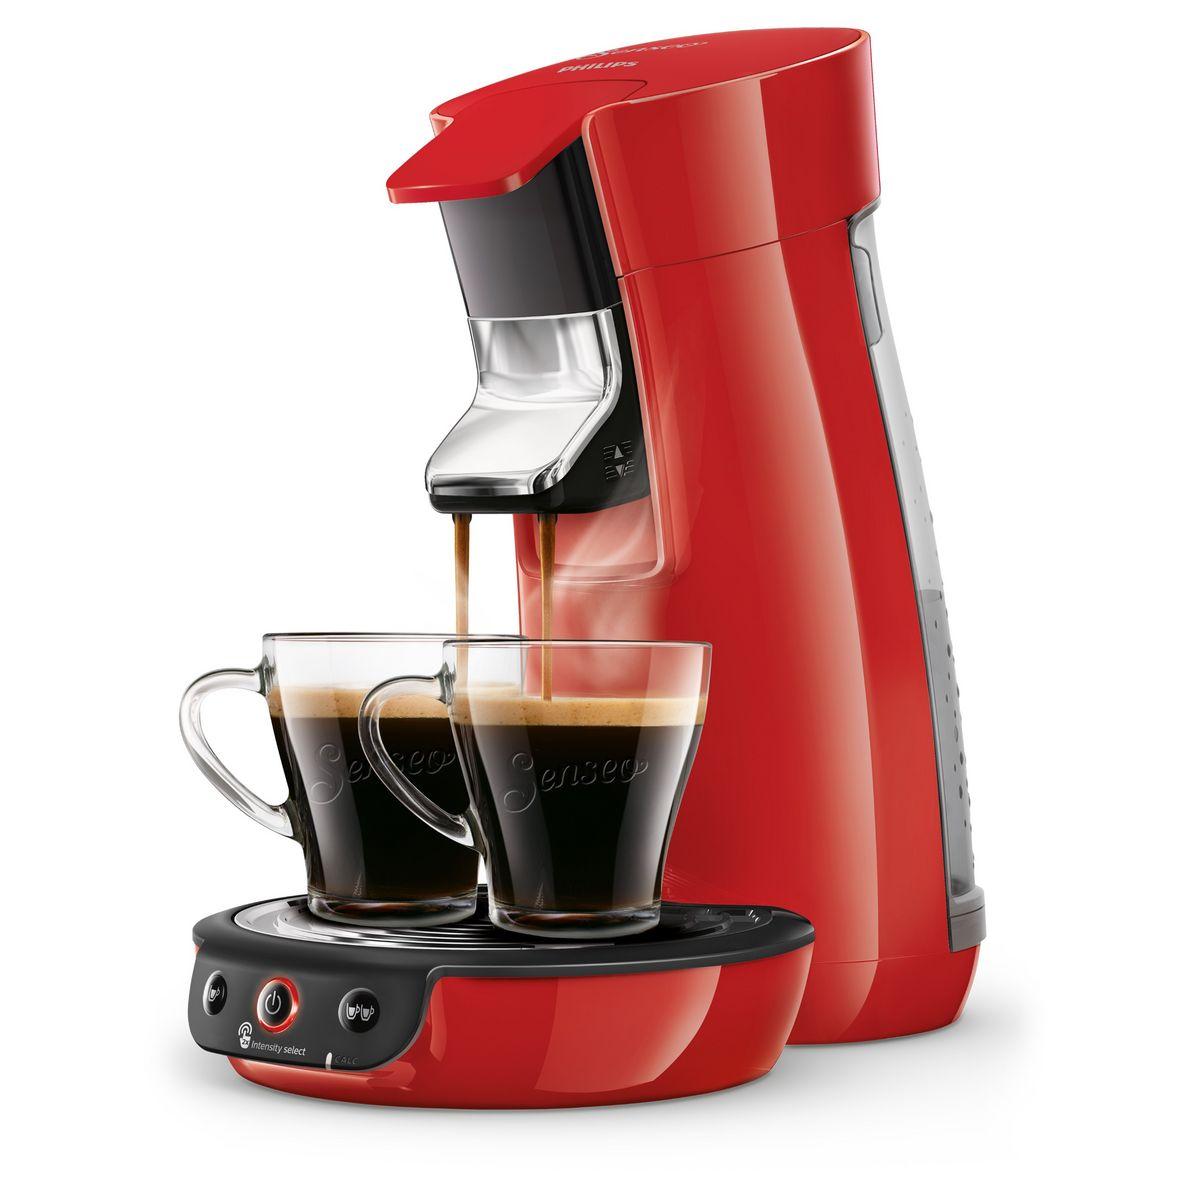 Cafetière à dosettes Senseo Viva Café - HD6563/81 - Rouge